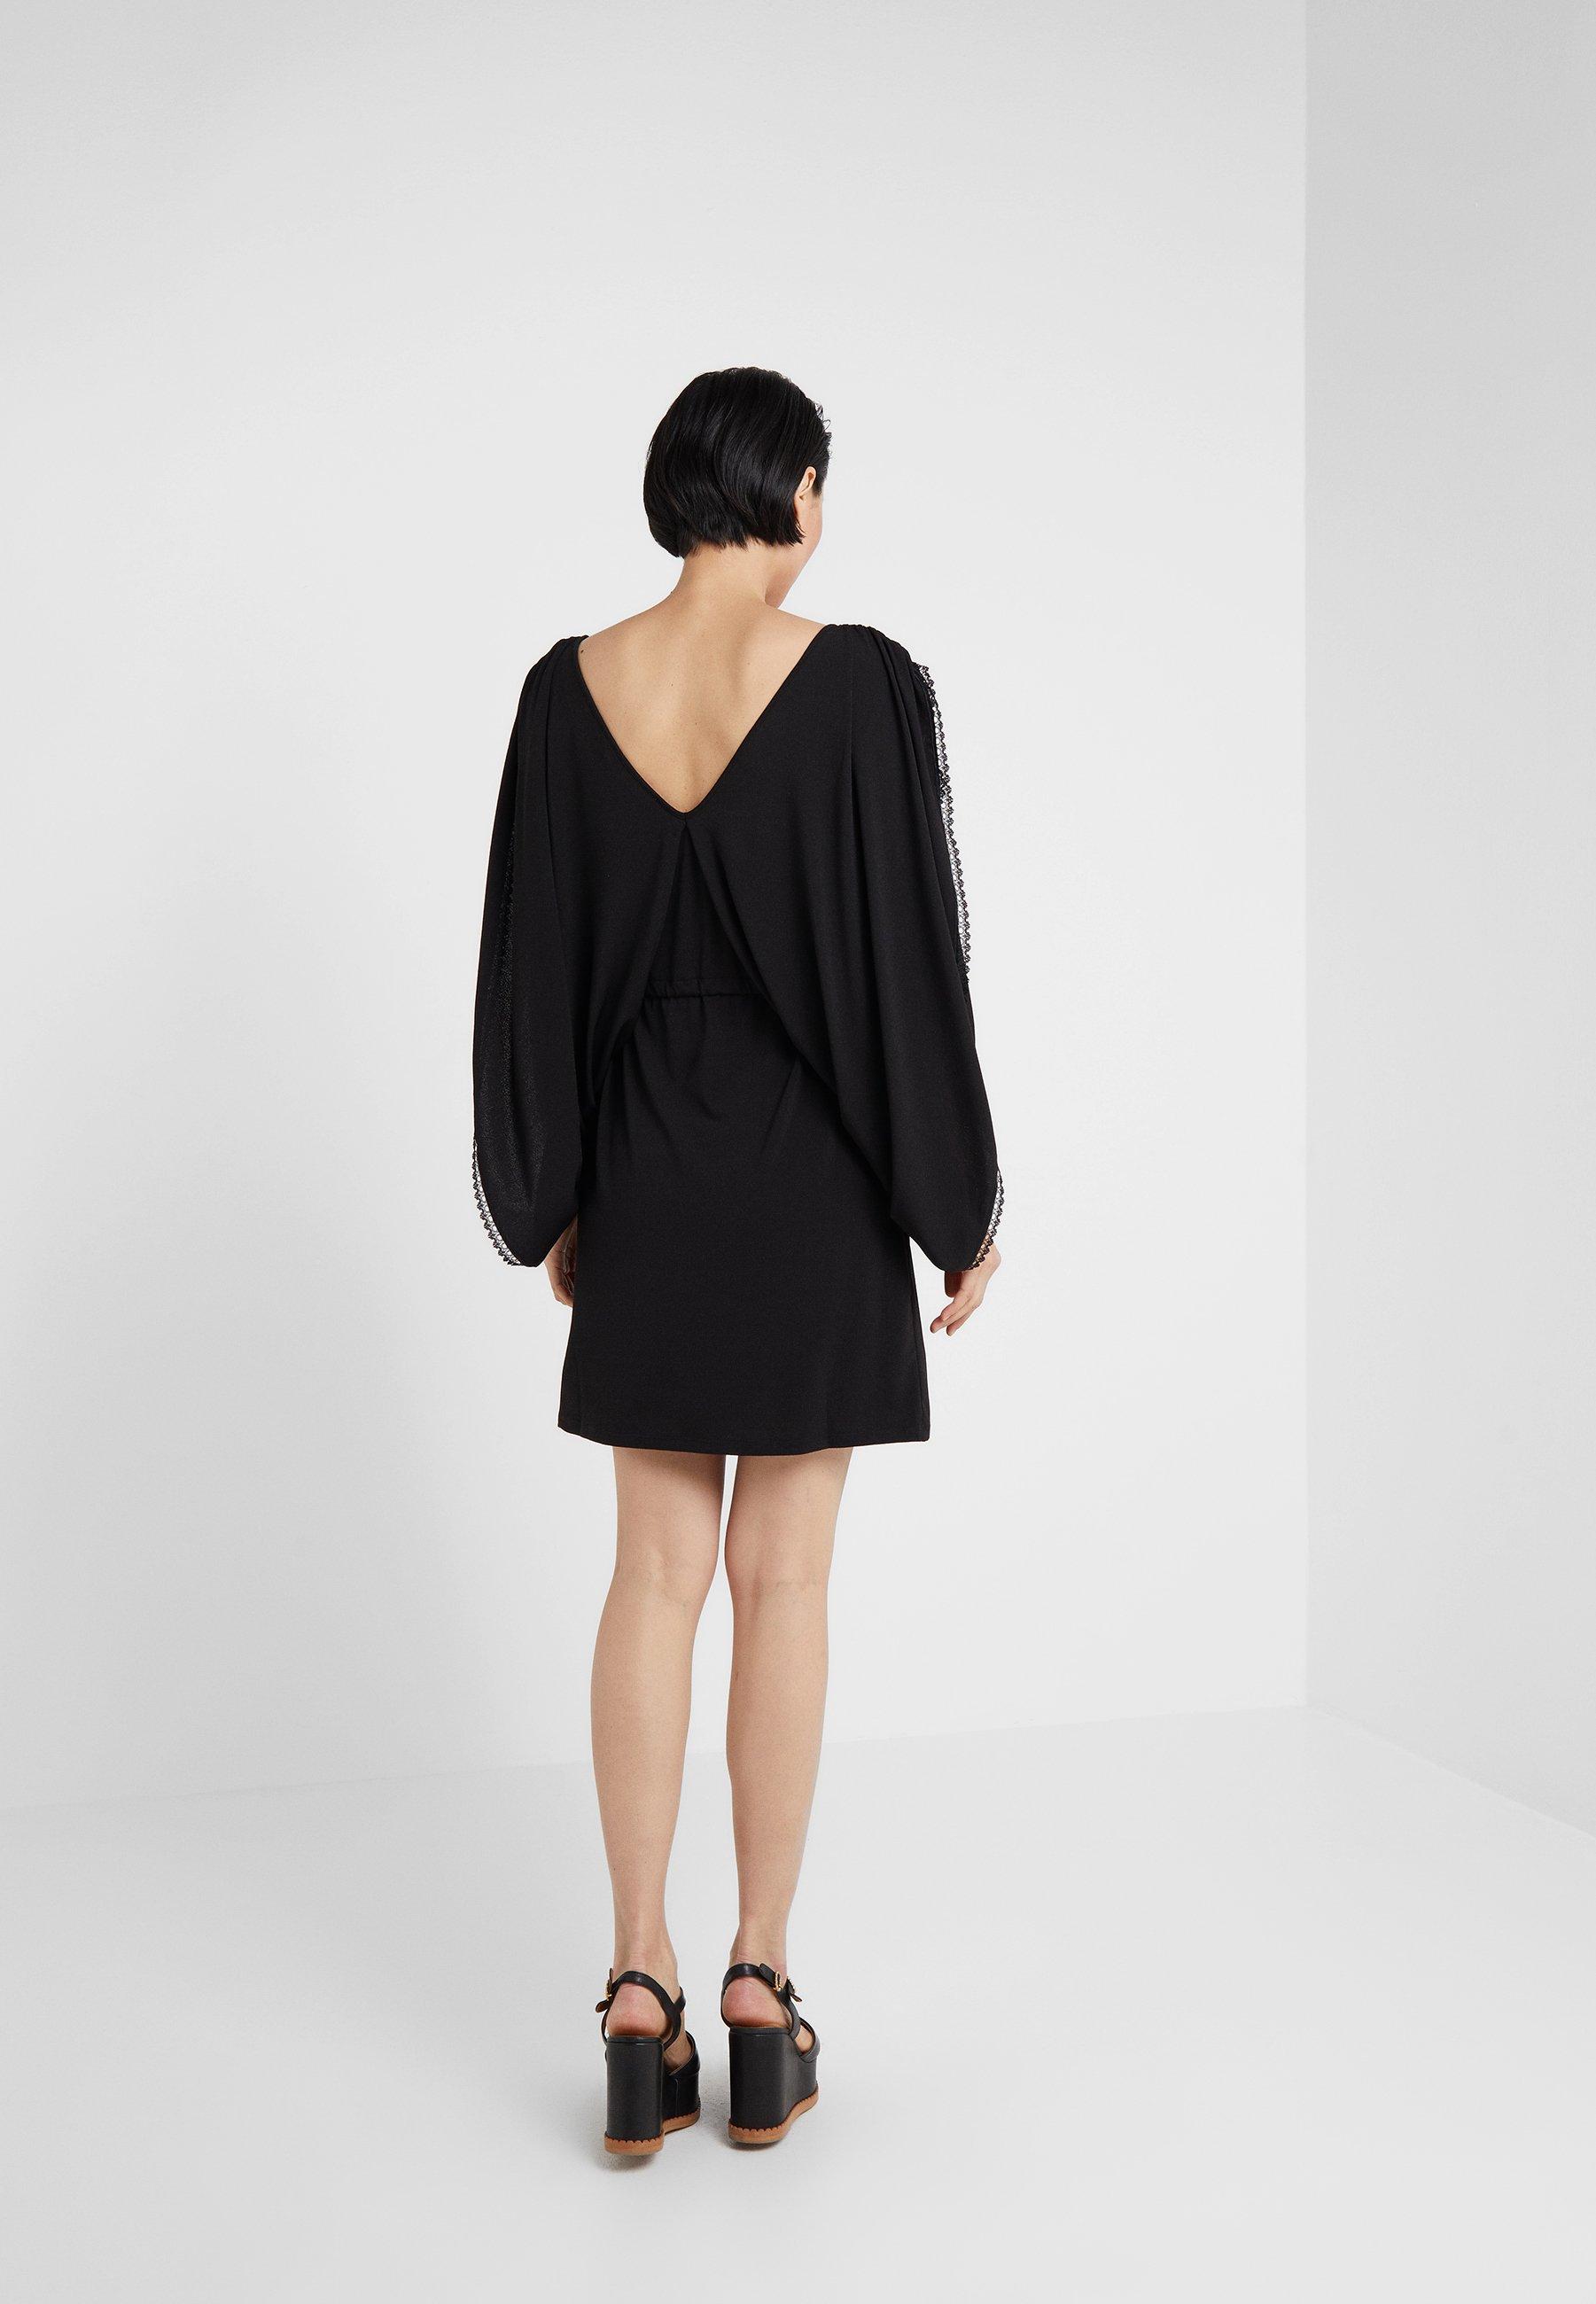 Robe Robe See D'étéBlack See By Chloé By Chloé lFK1JTc